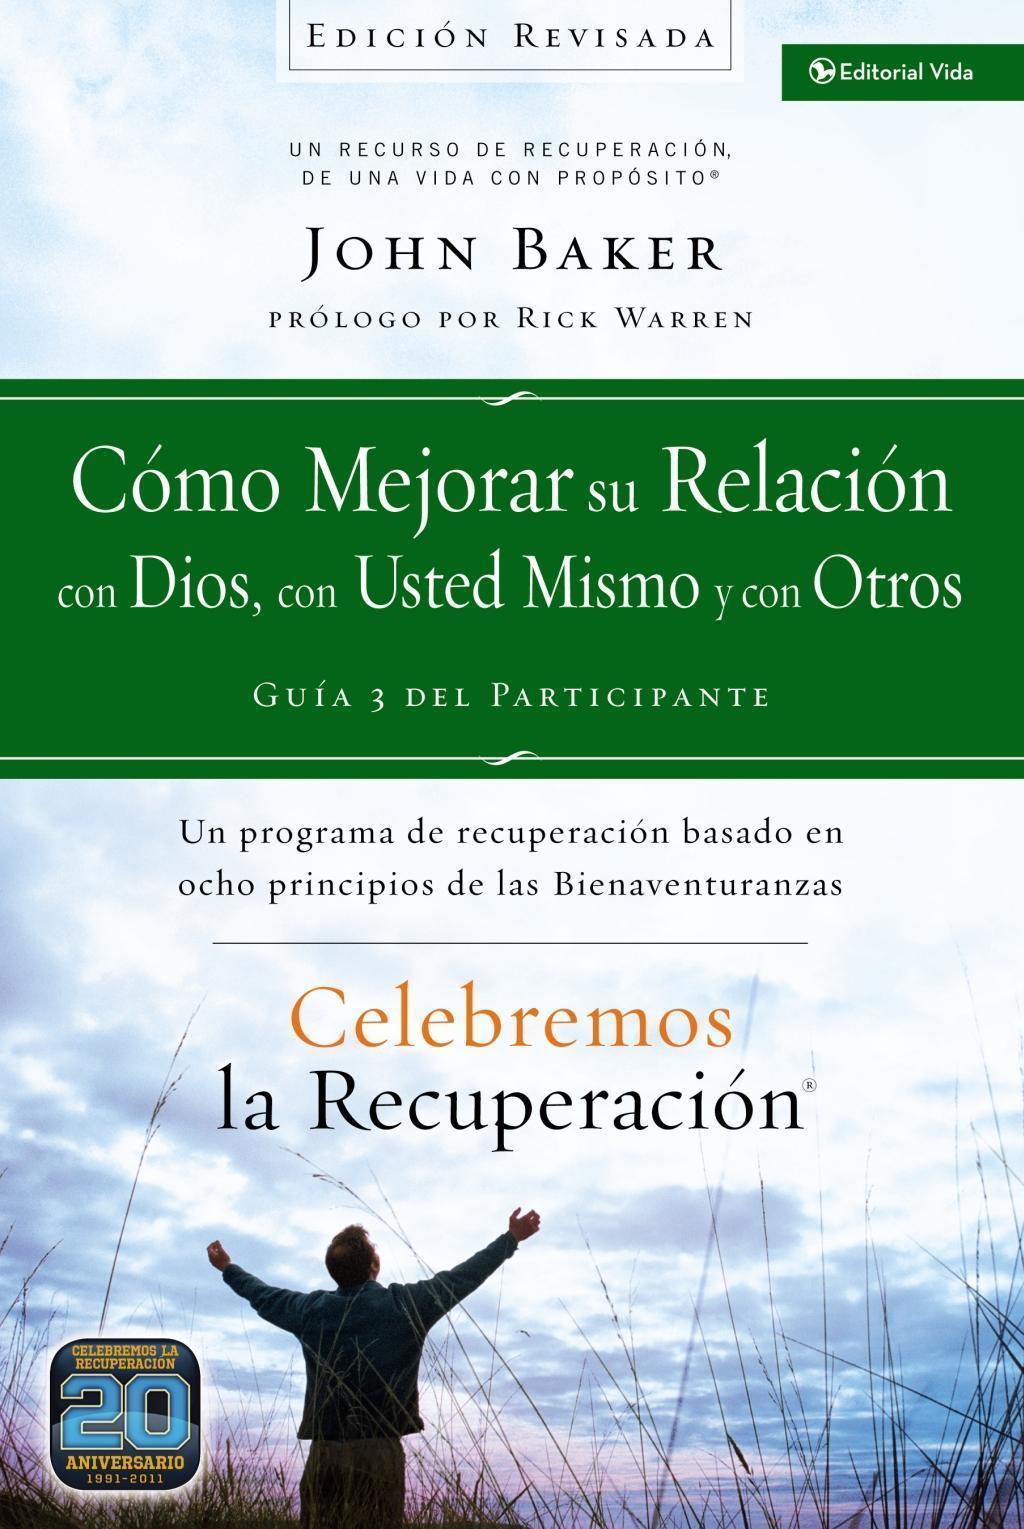 Celebremos la recuperación Guía 3: Cómo mejorar su relación con Dios, con usted mismo y con otros